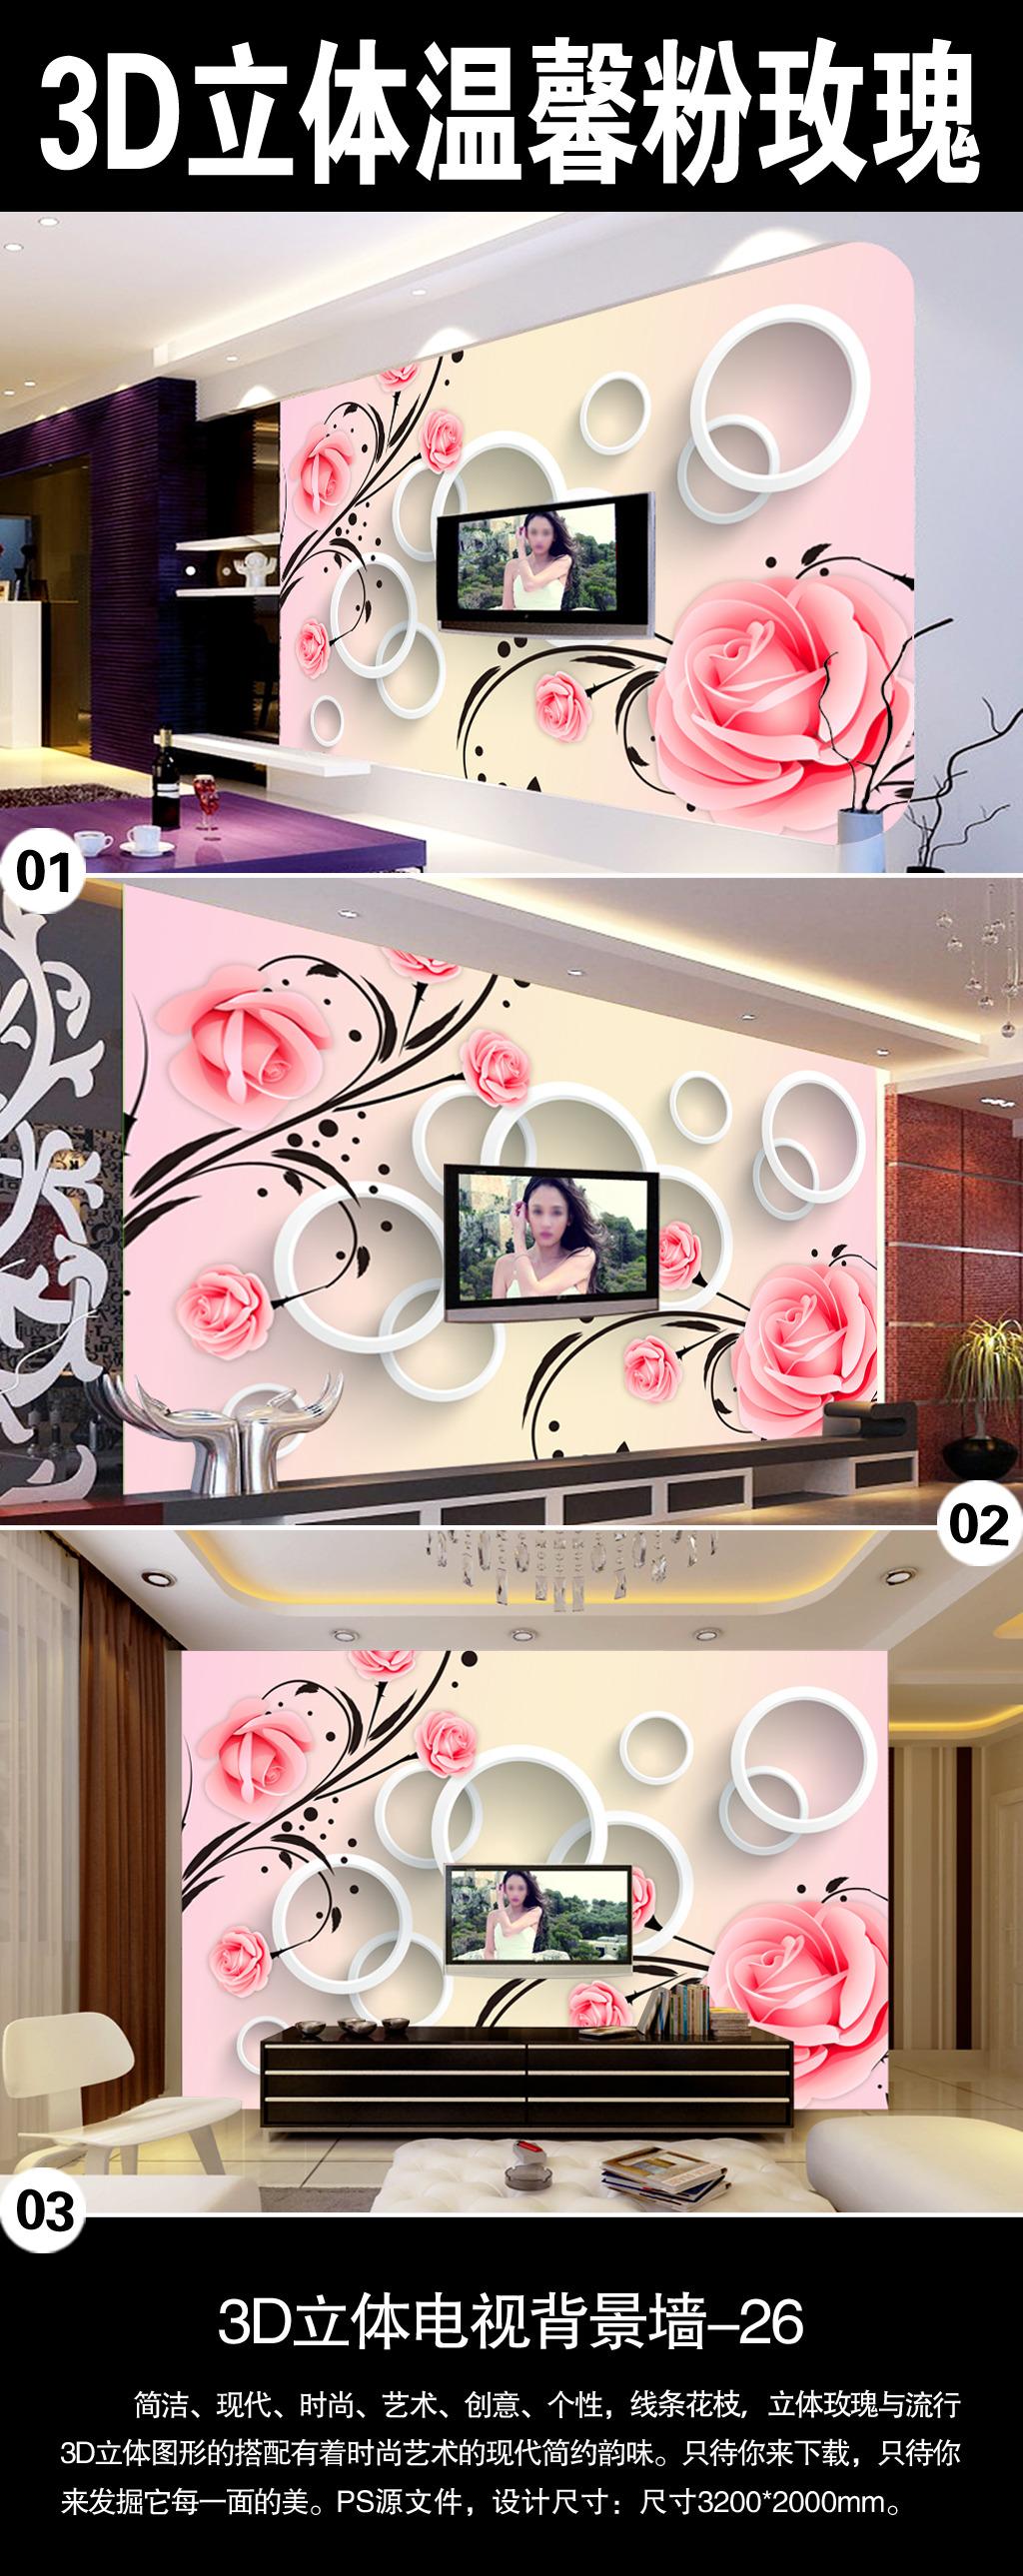 3d立体创意手绘花枝与立体玫瑰电视背景墙